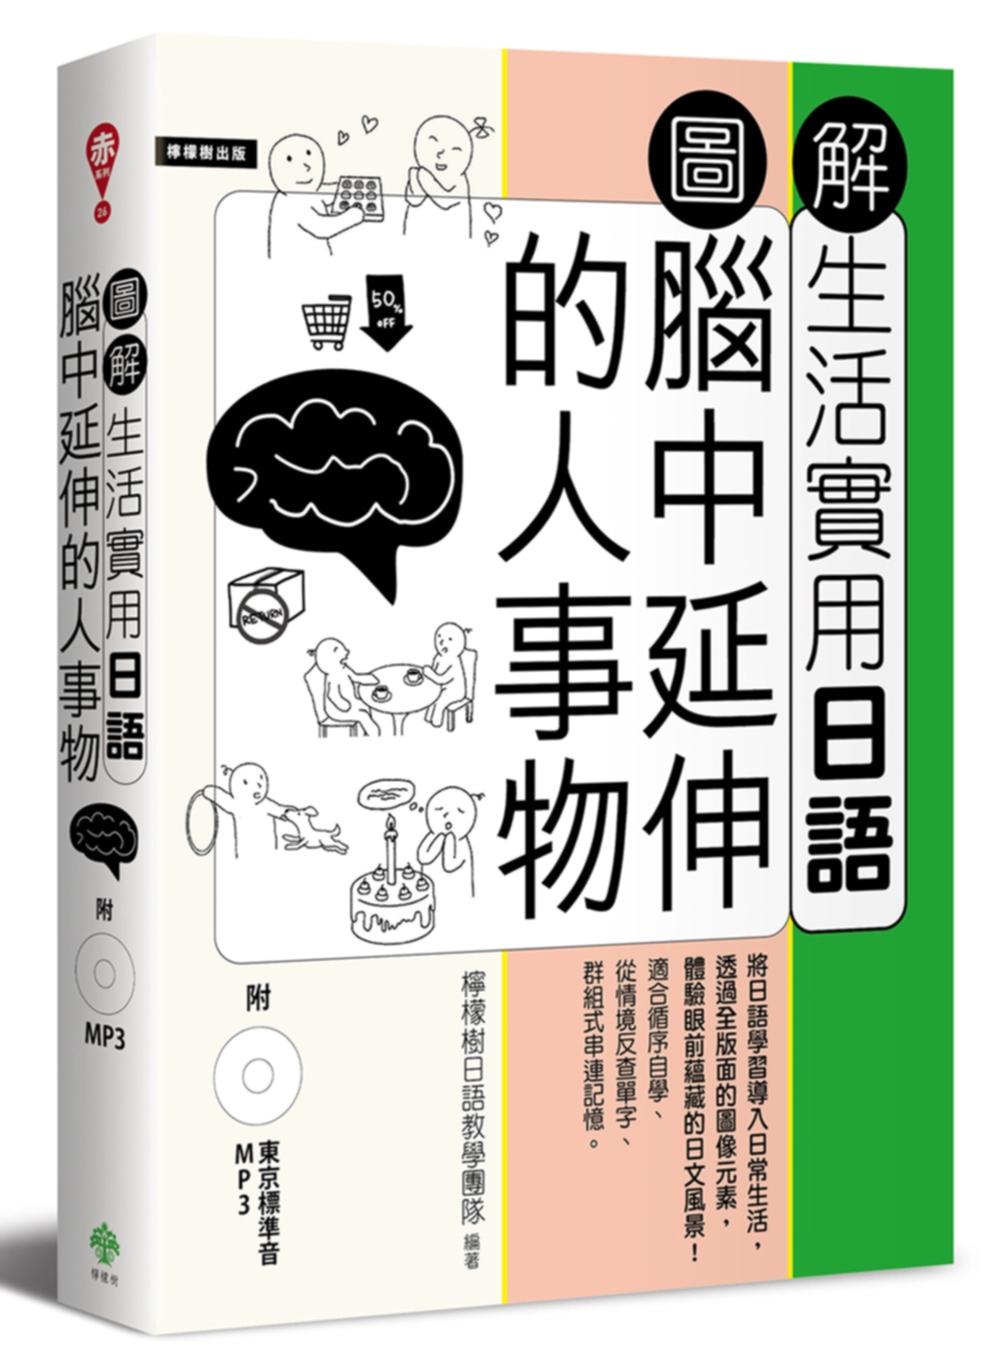 圖解生活實用日語:腦中延伸的人事物(附1MP3)